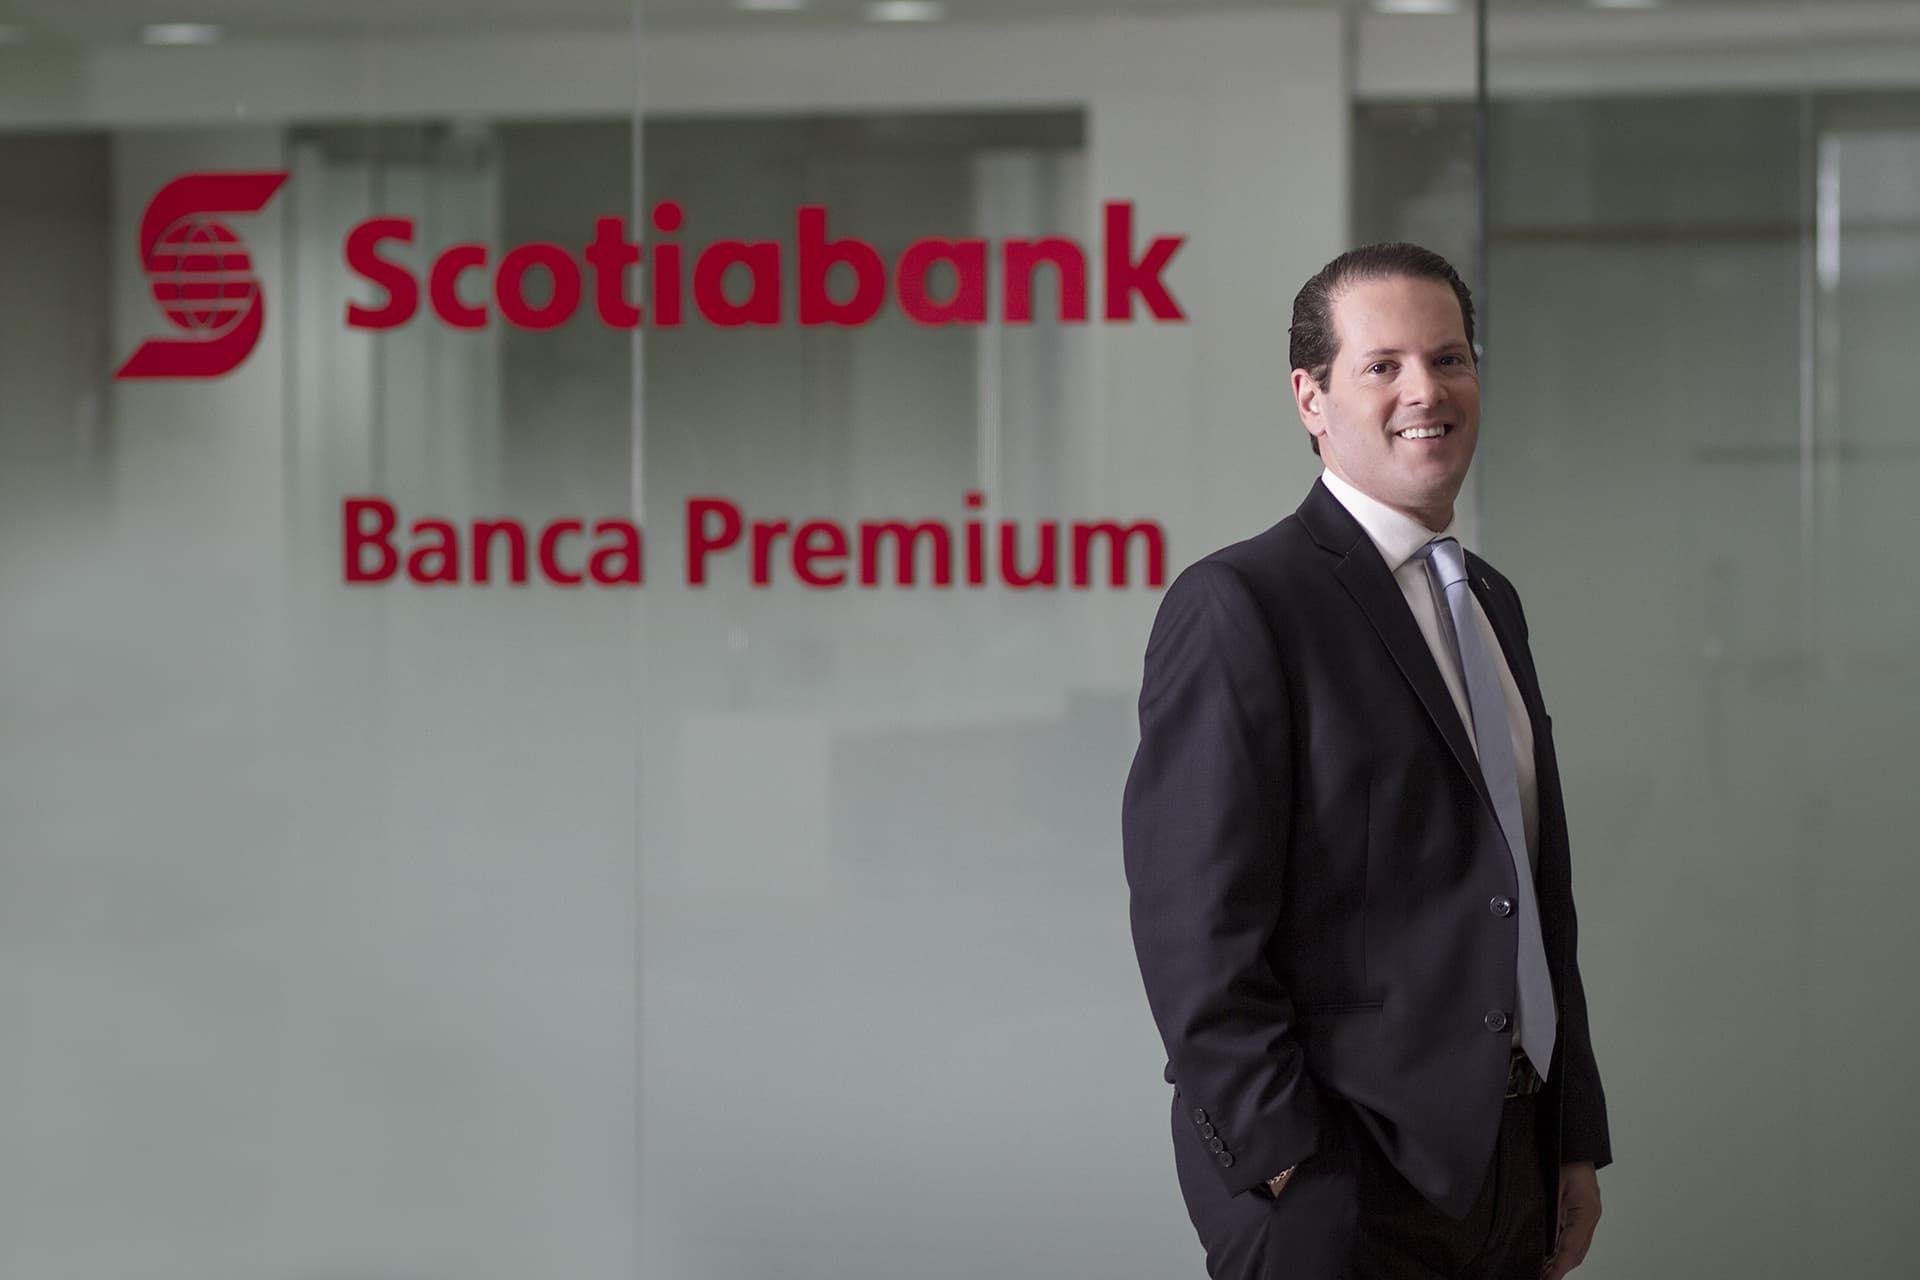 <p>Scotiabank:&nbsp;&ldquo;Estamos construyendo un banco m&aacute;s moderno y digital&rdquo;</p>